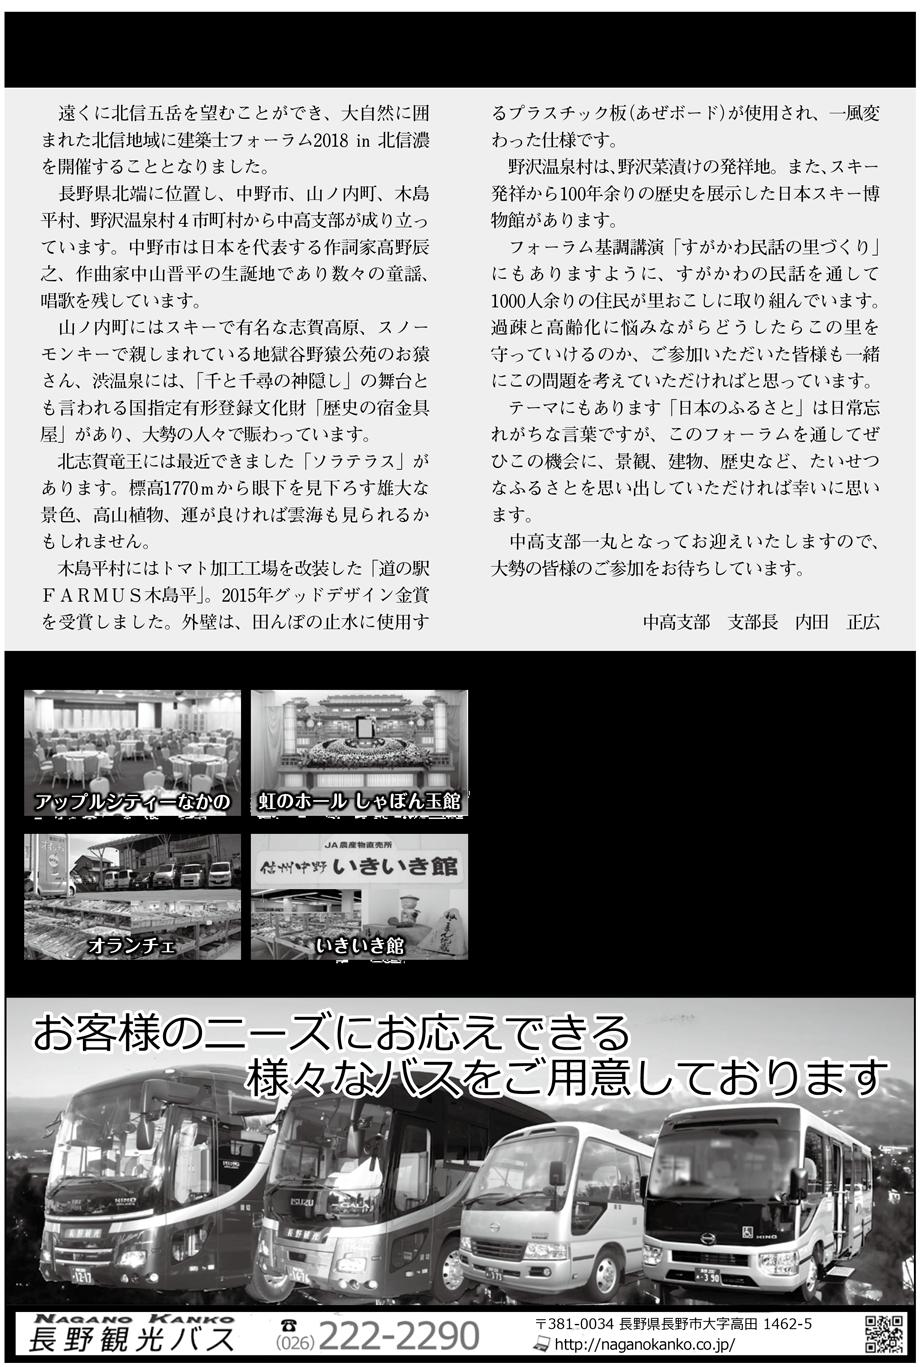 公益社団法人 長野県建築士会